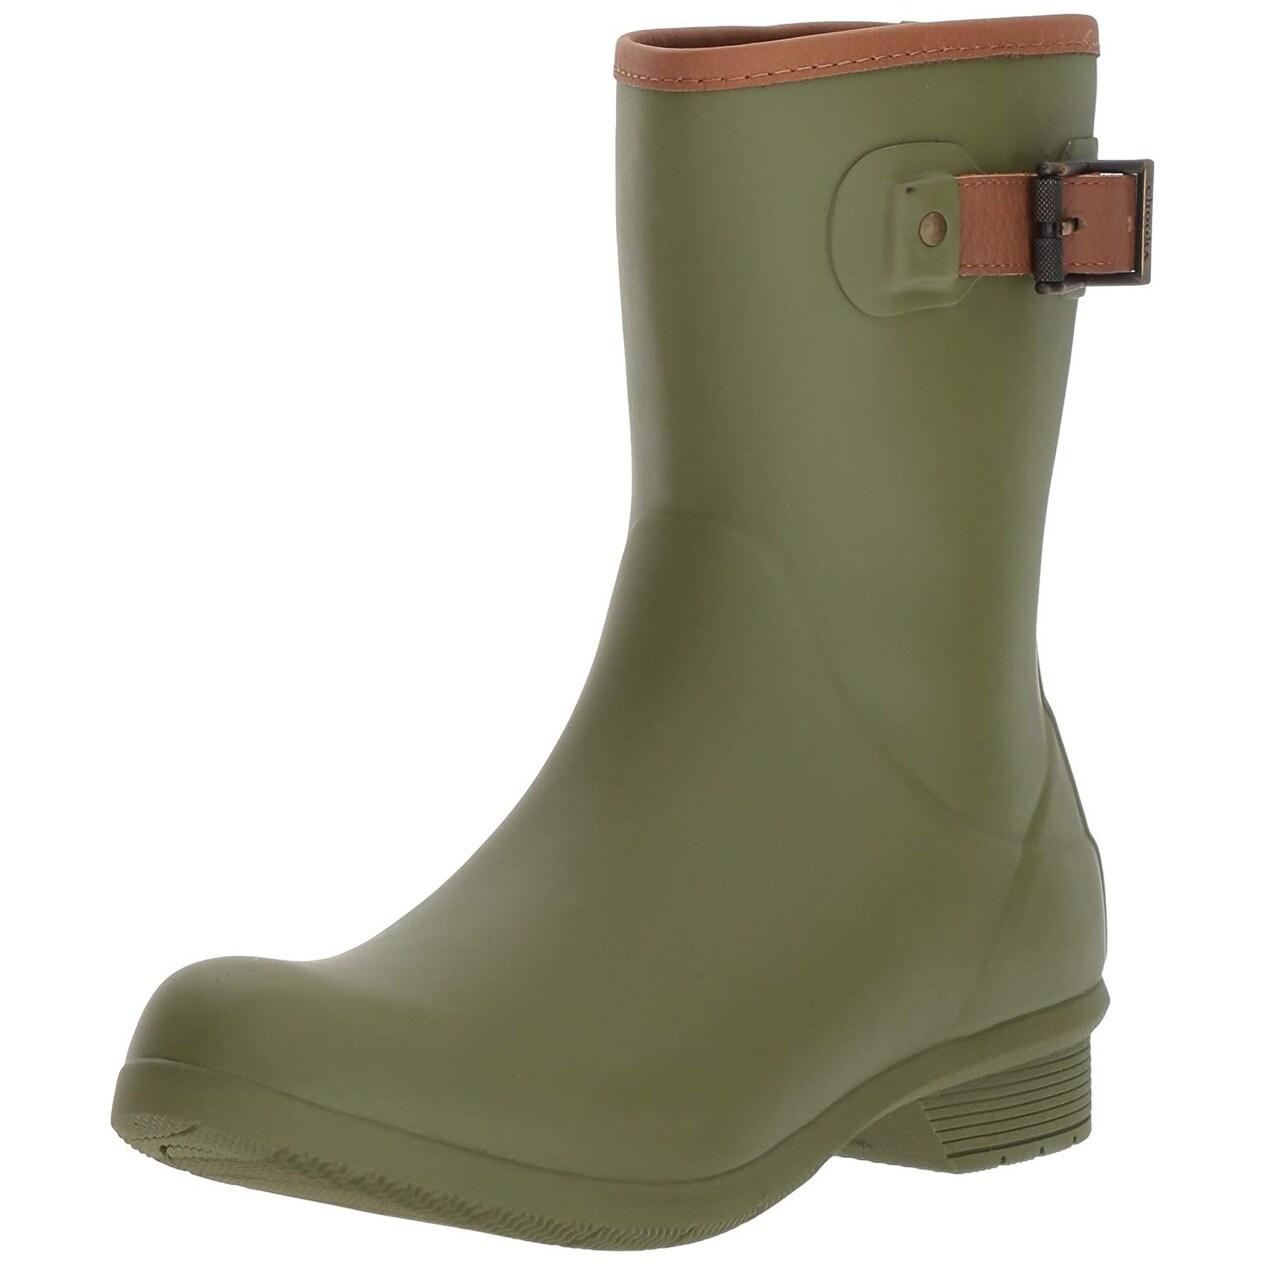 046cf0e0897c Shop Chooka Women s Mid-Height Memory Foam Rain Boot - Free Shipping Today  - Overstock.com - 23591683